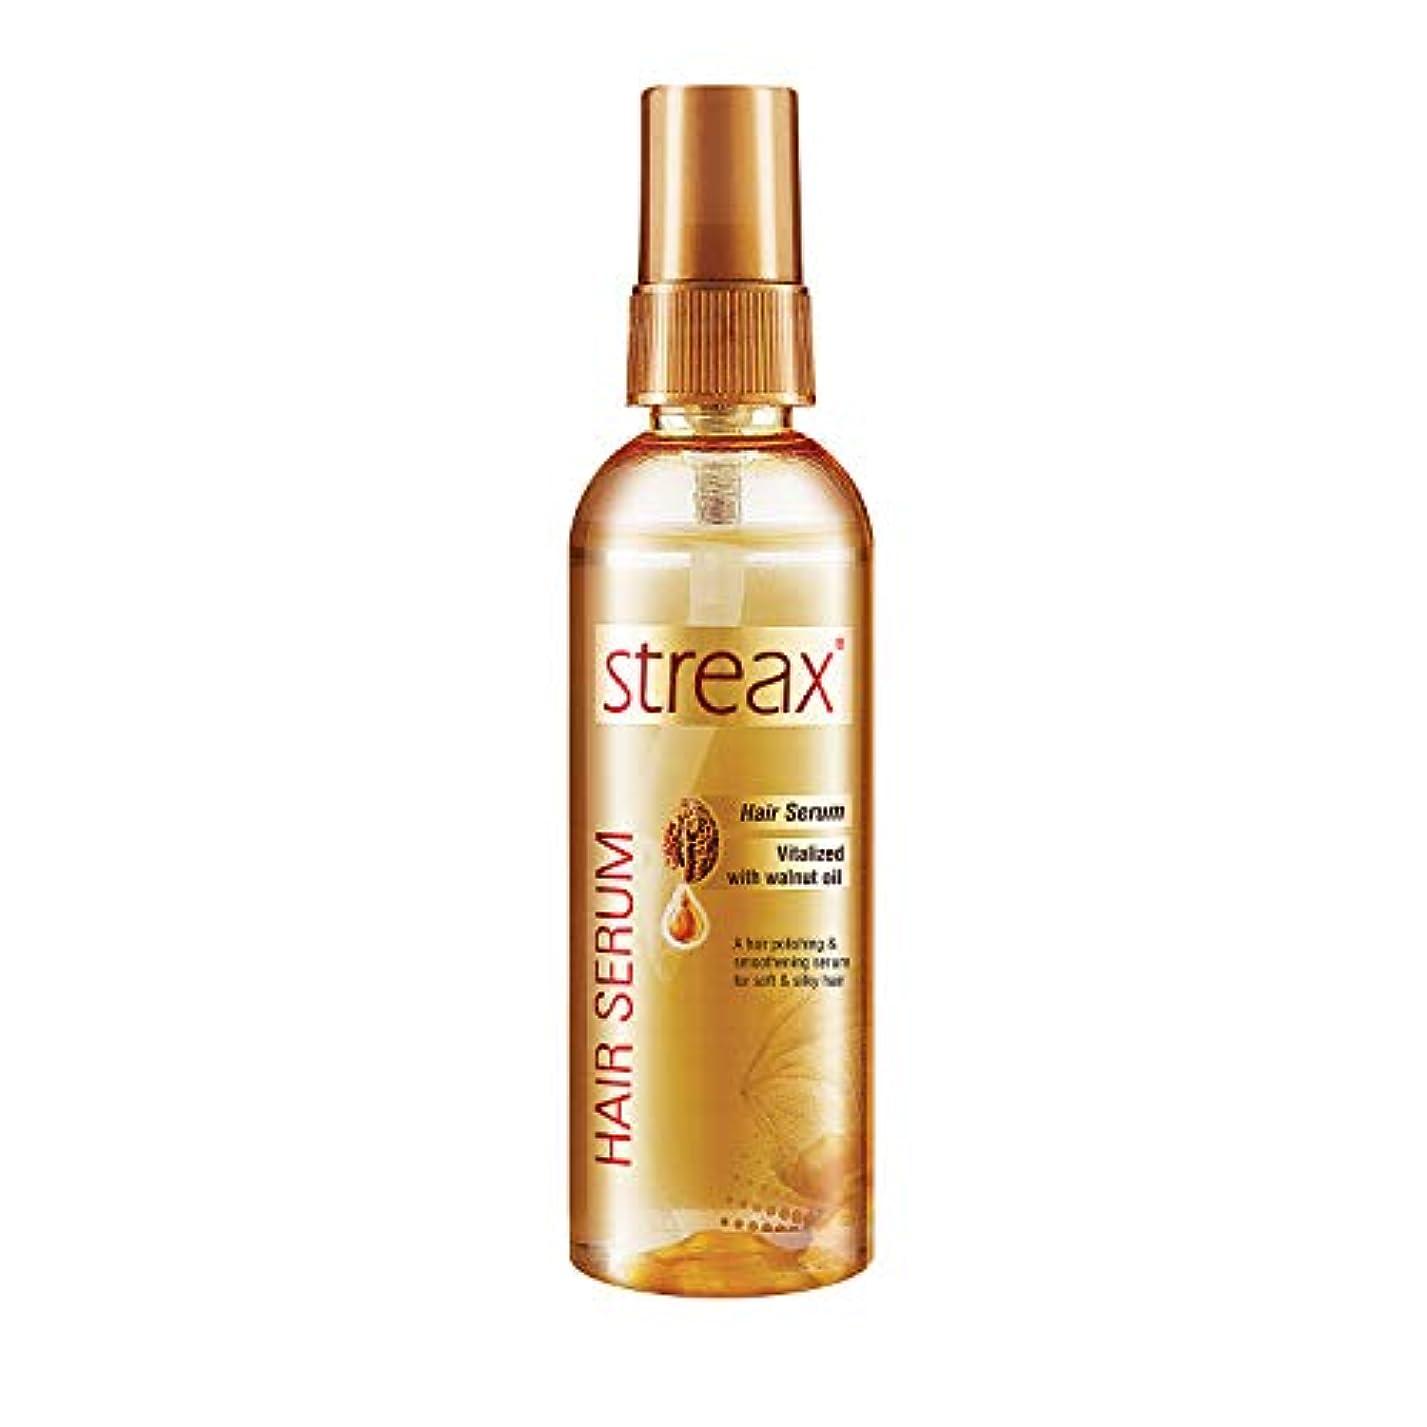 プレビスサイト化学薬品熱心なクルミオイルで強化しStreax髪血清は縮れフリーサテンスムースヘア100ミリリットルを提供します( 3.5オンス)Streax Hair Serum Enriched with Walnut Oil Gives Frizz-free...